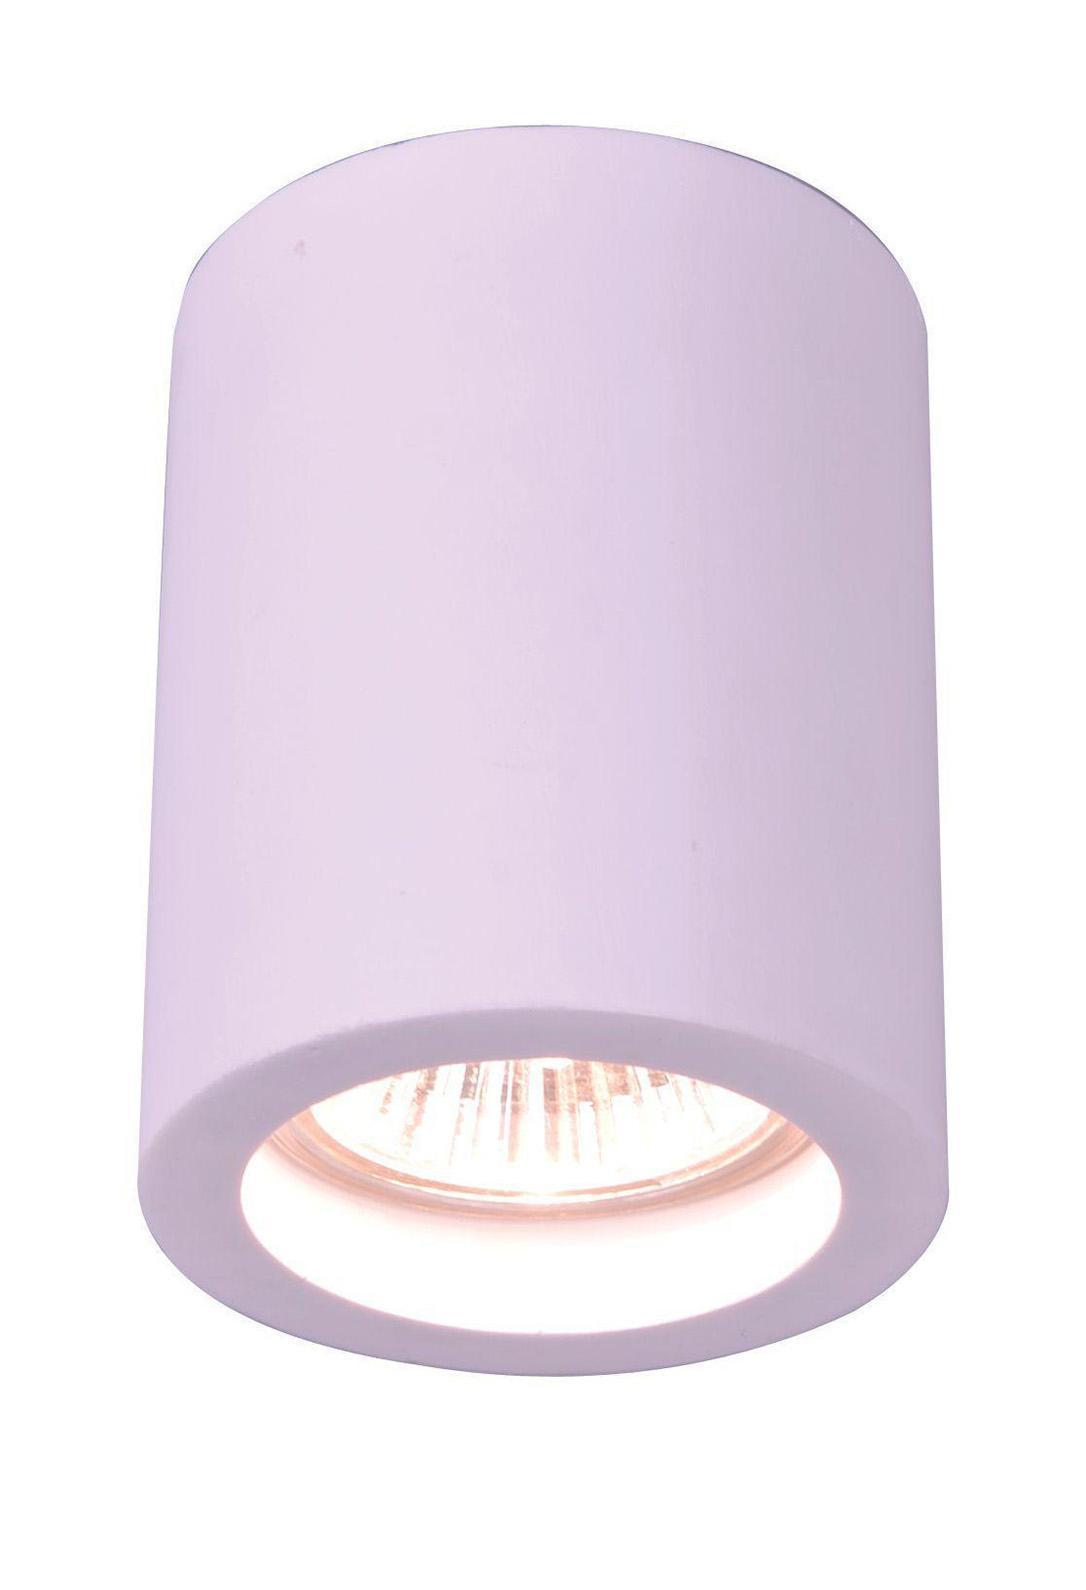 A9260PL-1WH TUBO Встраиваемый светильникA9260PL-1WH1xGU10x35W; Светильник можно красить Материал: Арматура: ГипсРазмер: 70x70x90Цвет: Белый